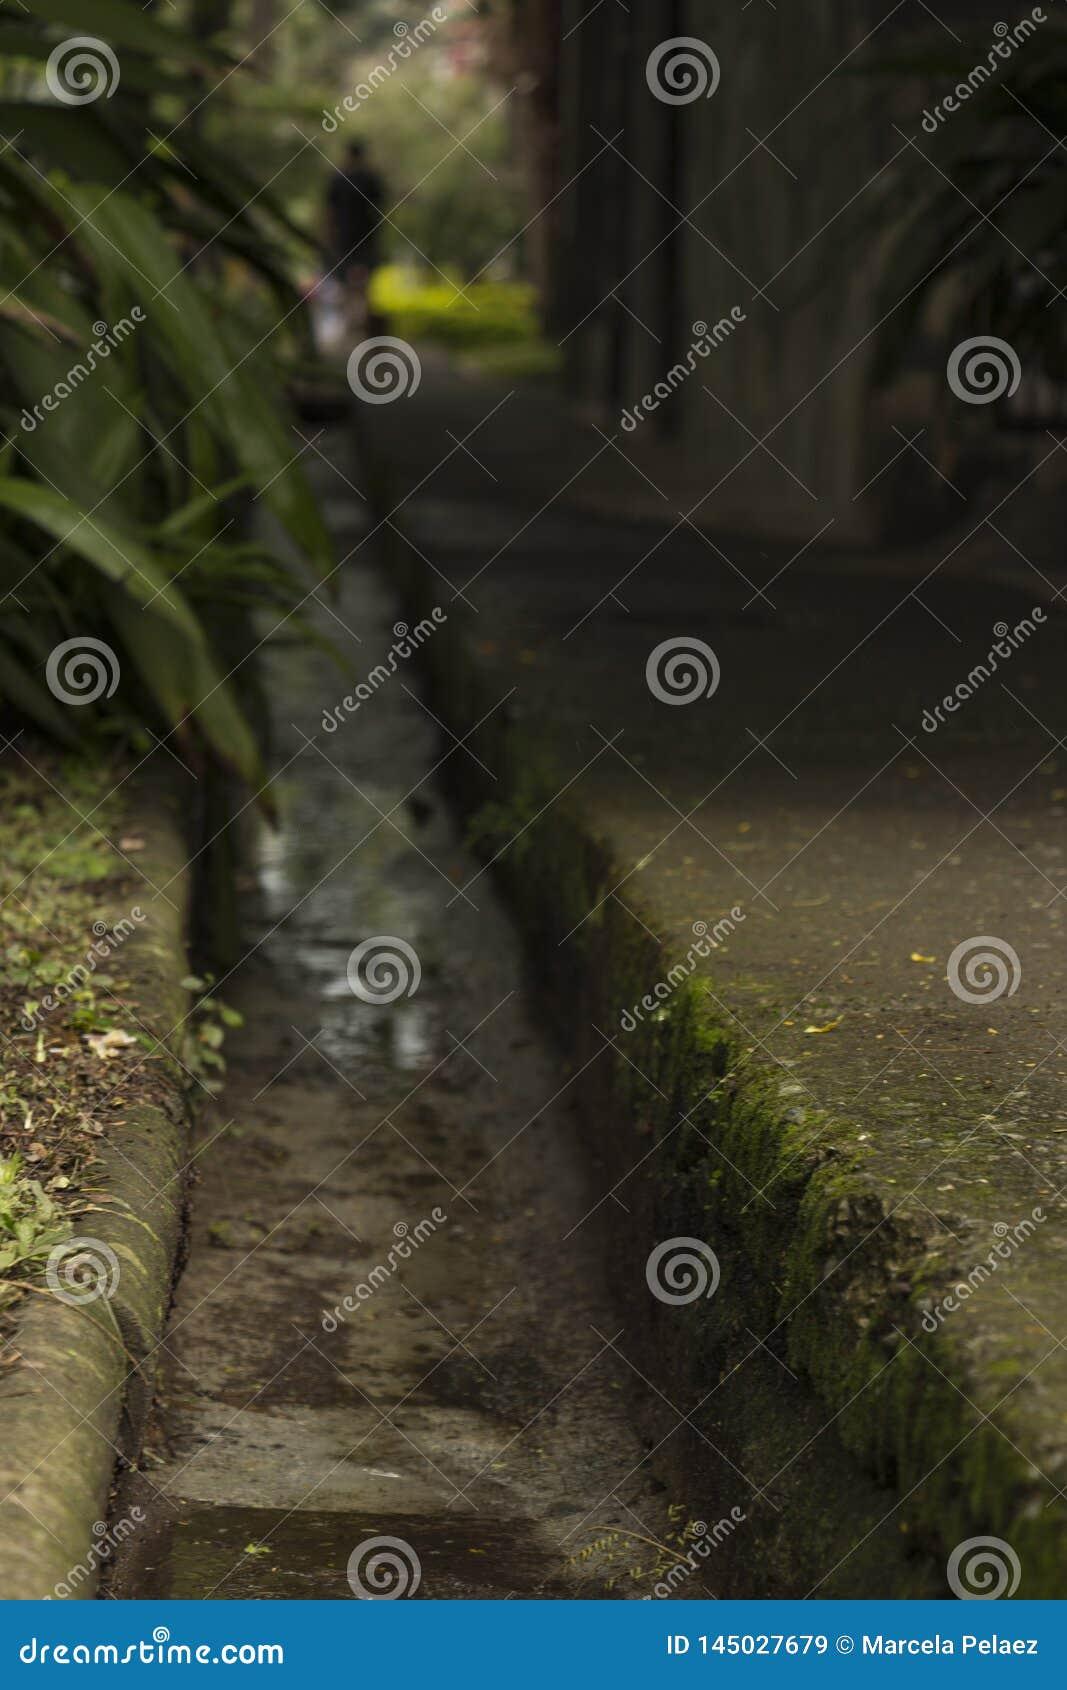 La persona y el animal doméstico que caminan hacia un túnel en una acera mojada y verde simboliza muerte y vida